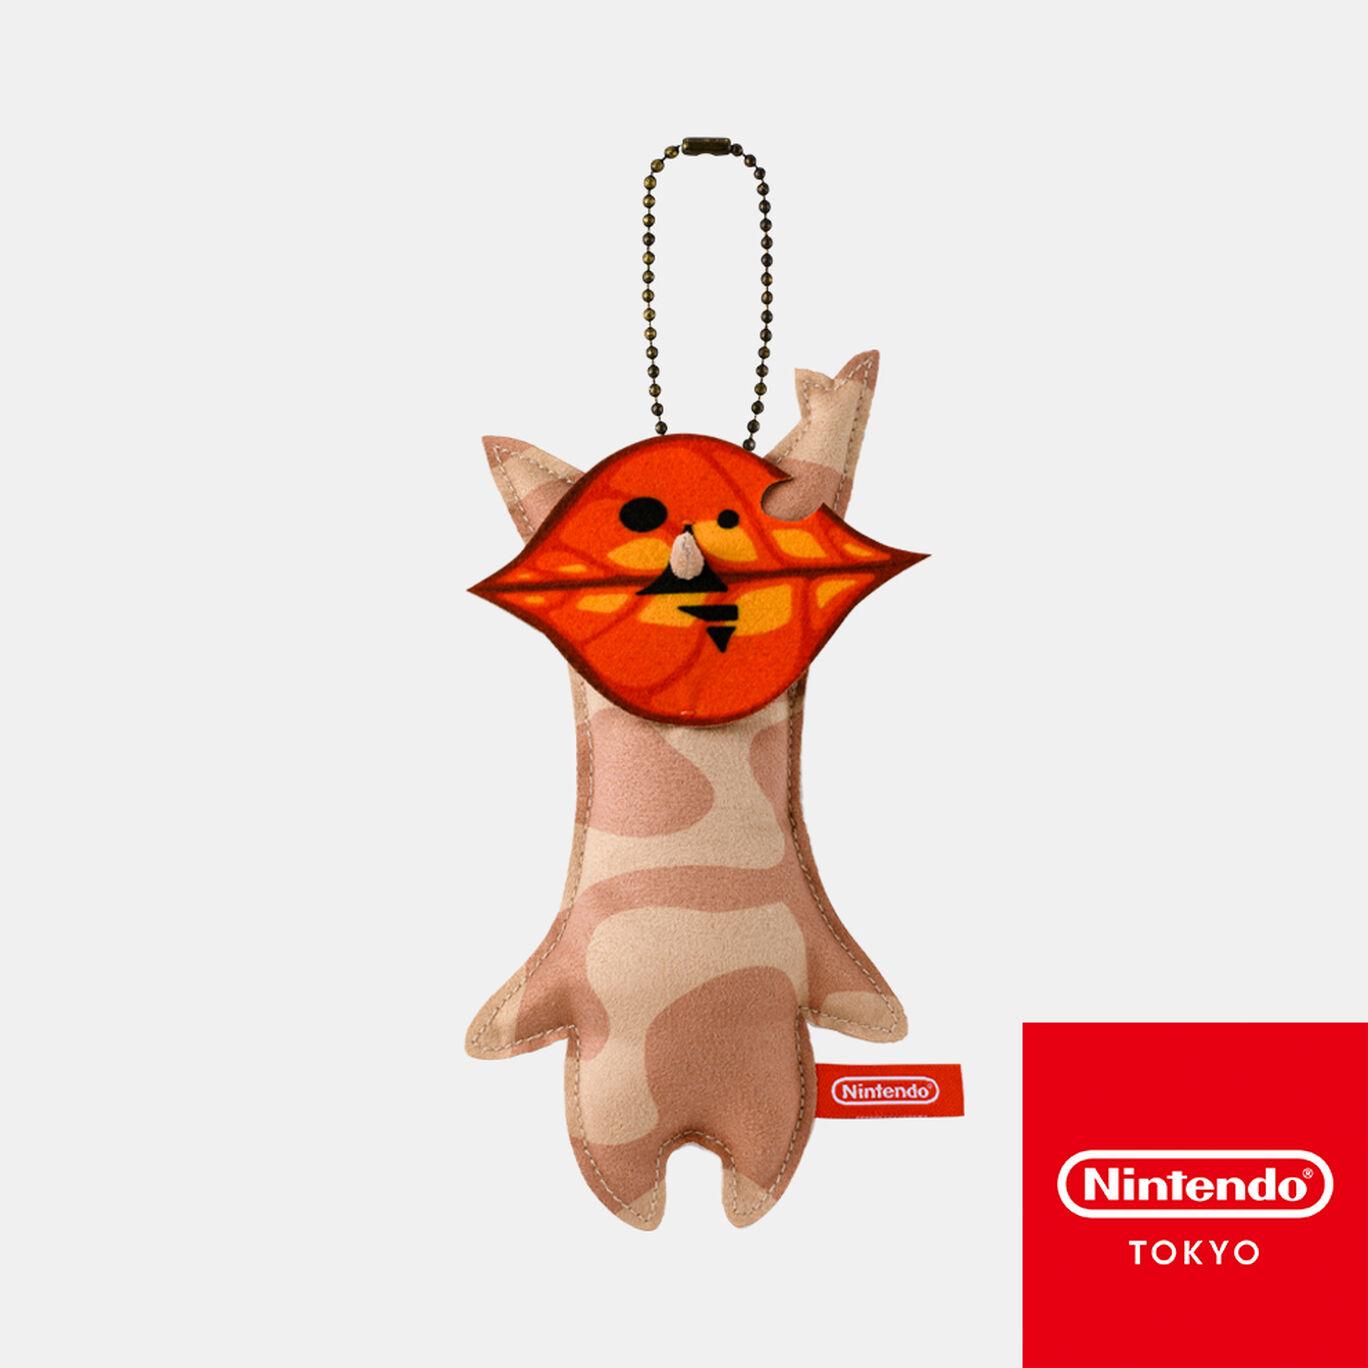 【新商品】コログのマスコット マカマカ ゼルダの伝説【Nintendo TOKYO取り扱い商品】